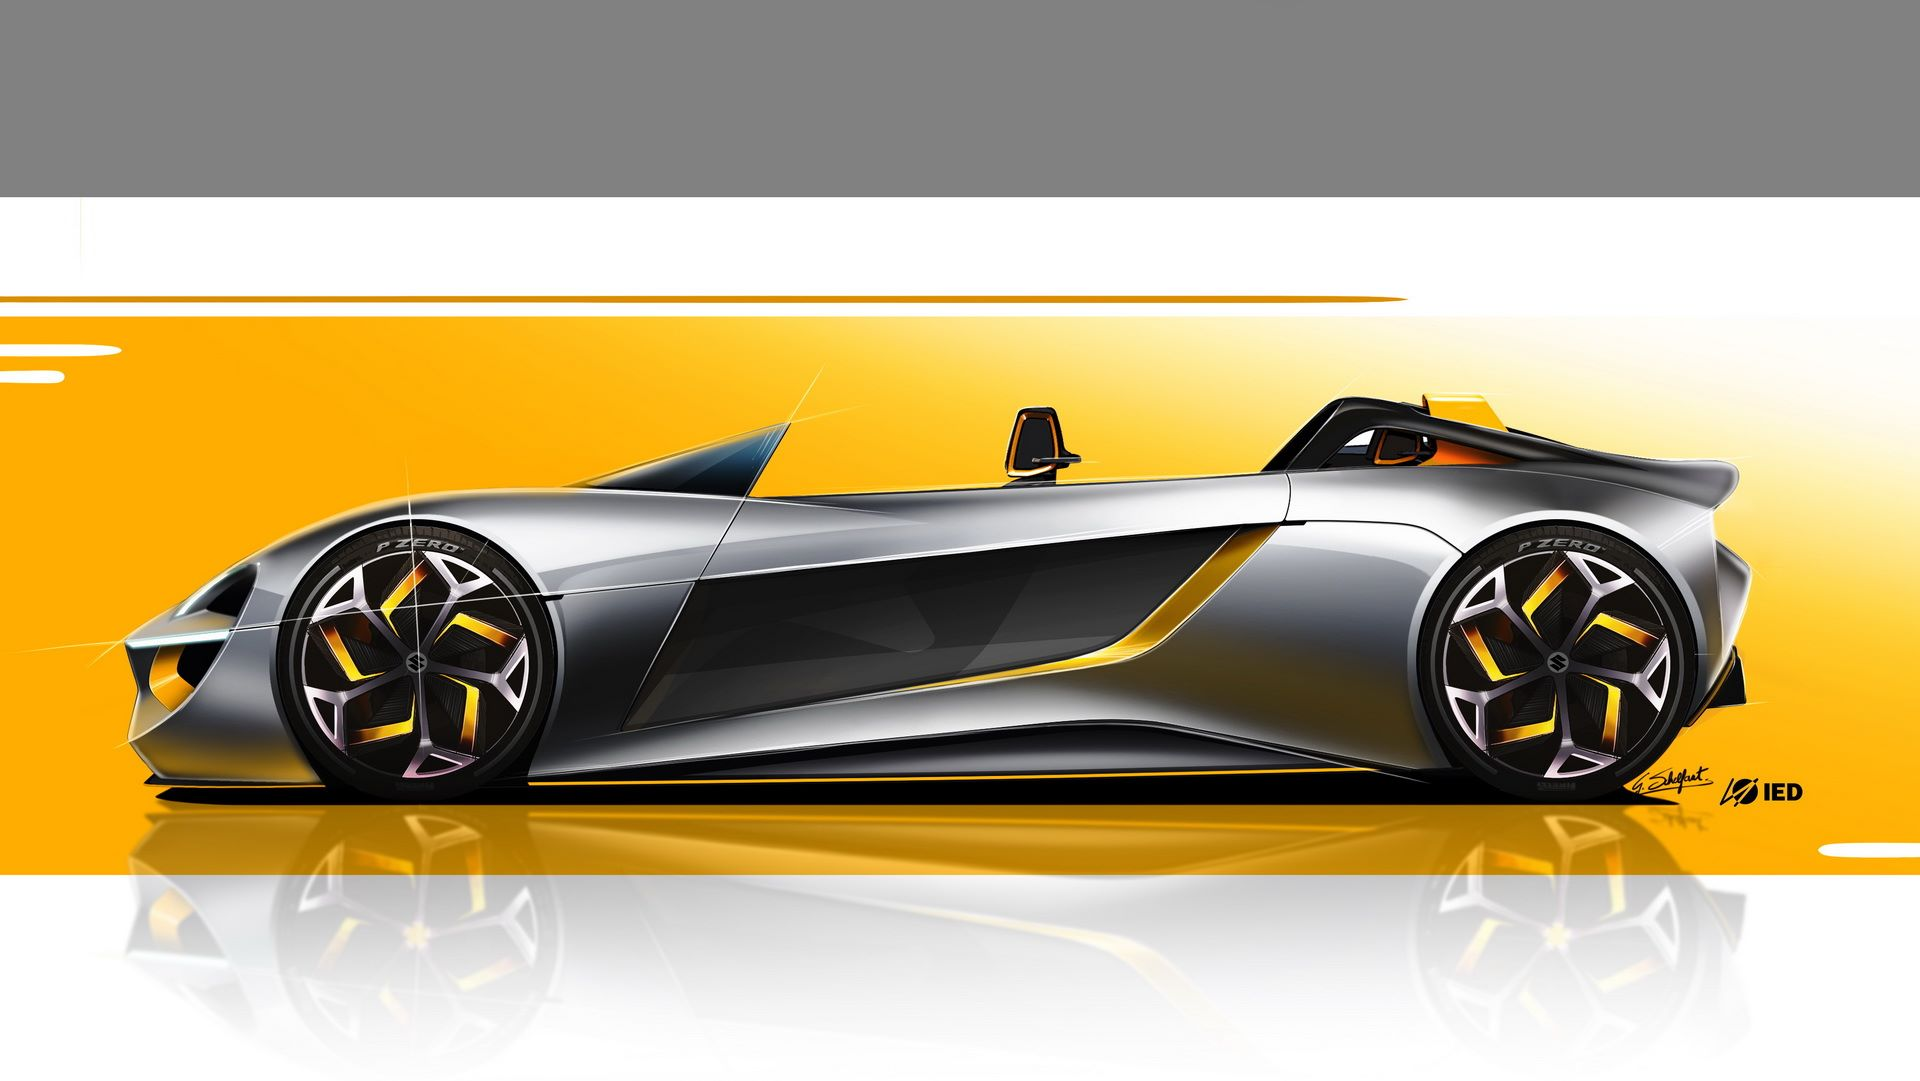 Suzuki-Misano-Concept-IED-20